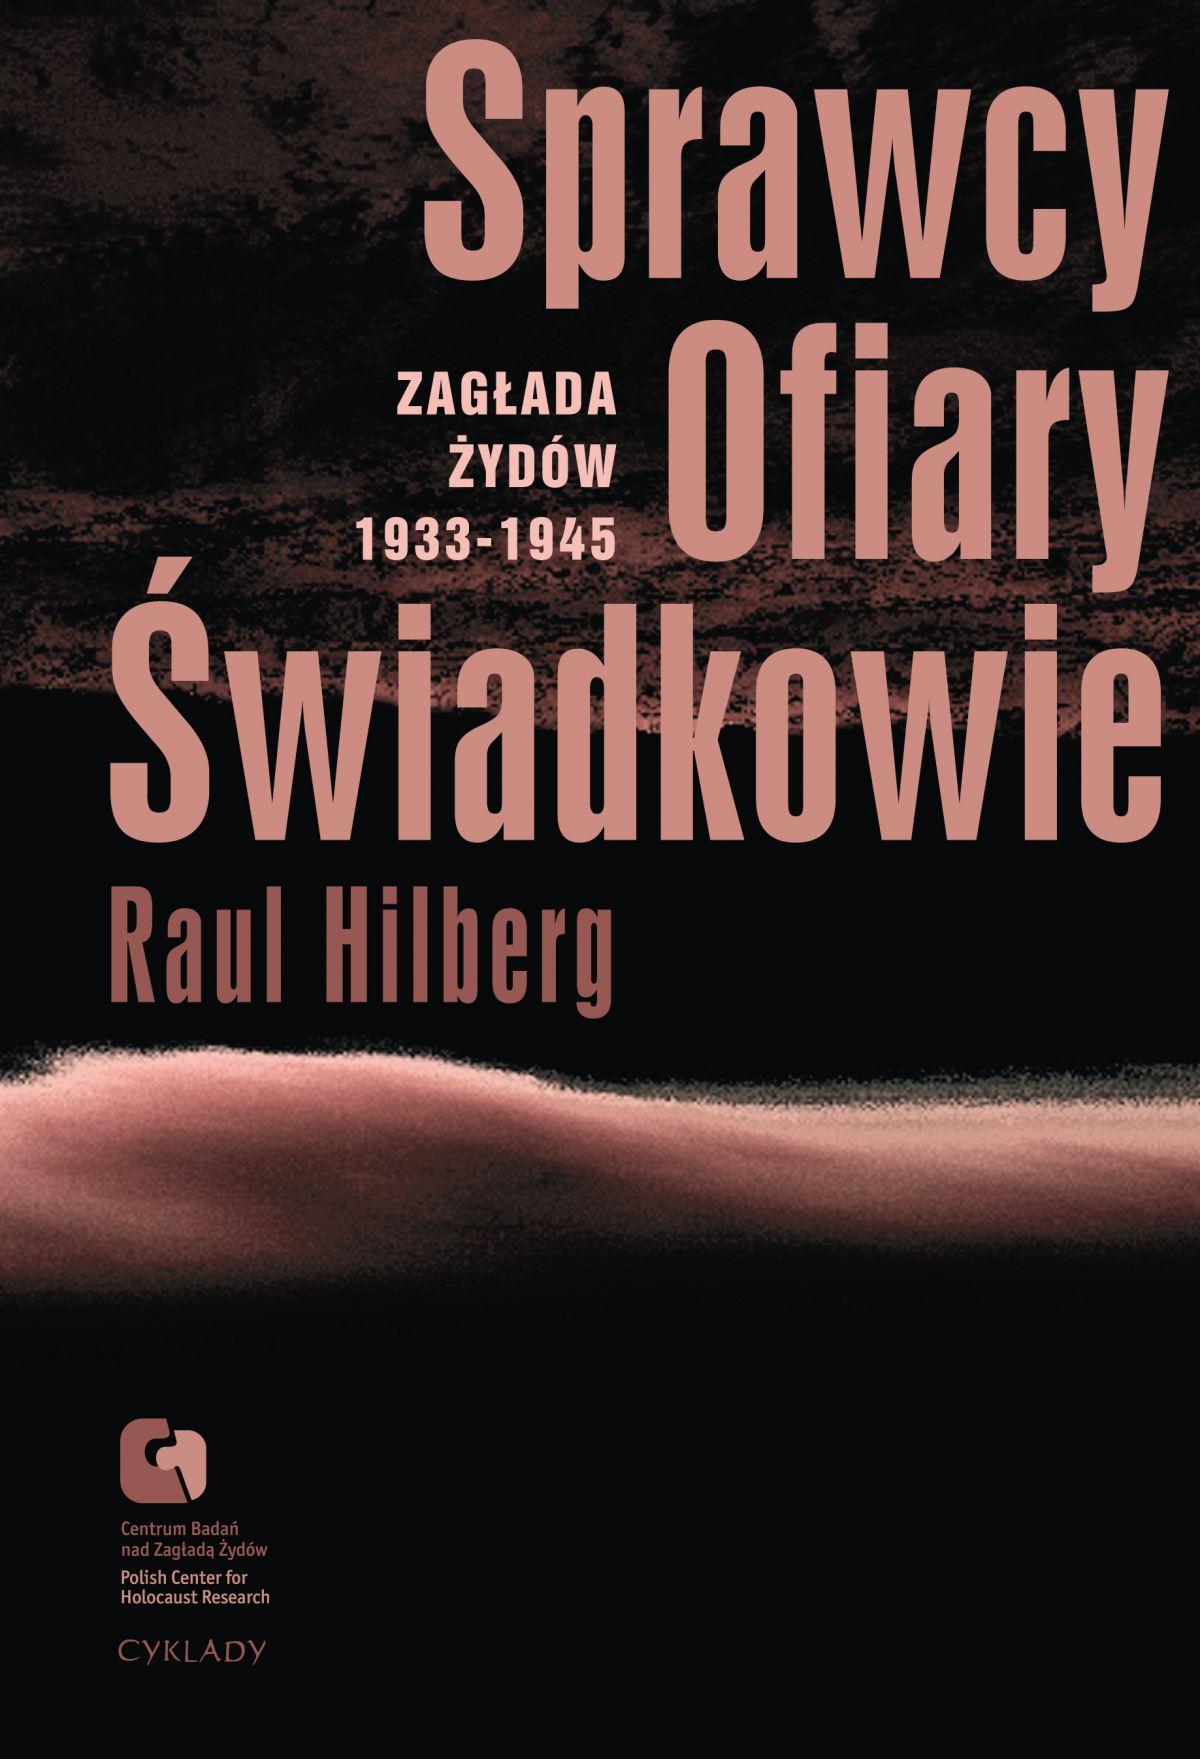 Sprawcy, Ofiary, Świadkowie. Zagłada Żydów 1933-1945 - Ebook (Książka EPUB) do pobrania w formacie EPUB